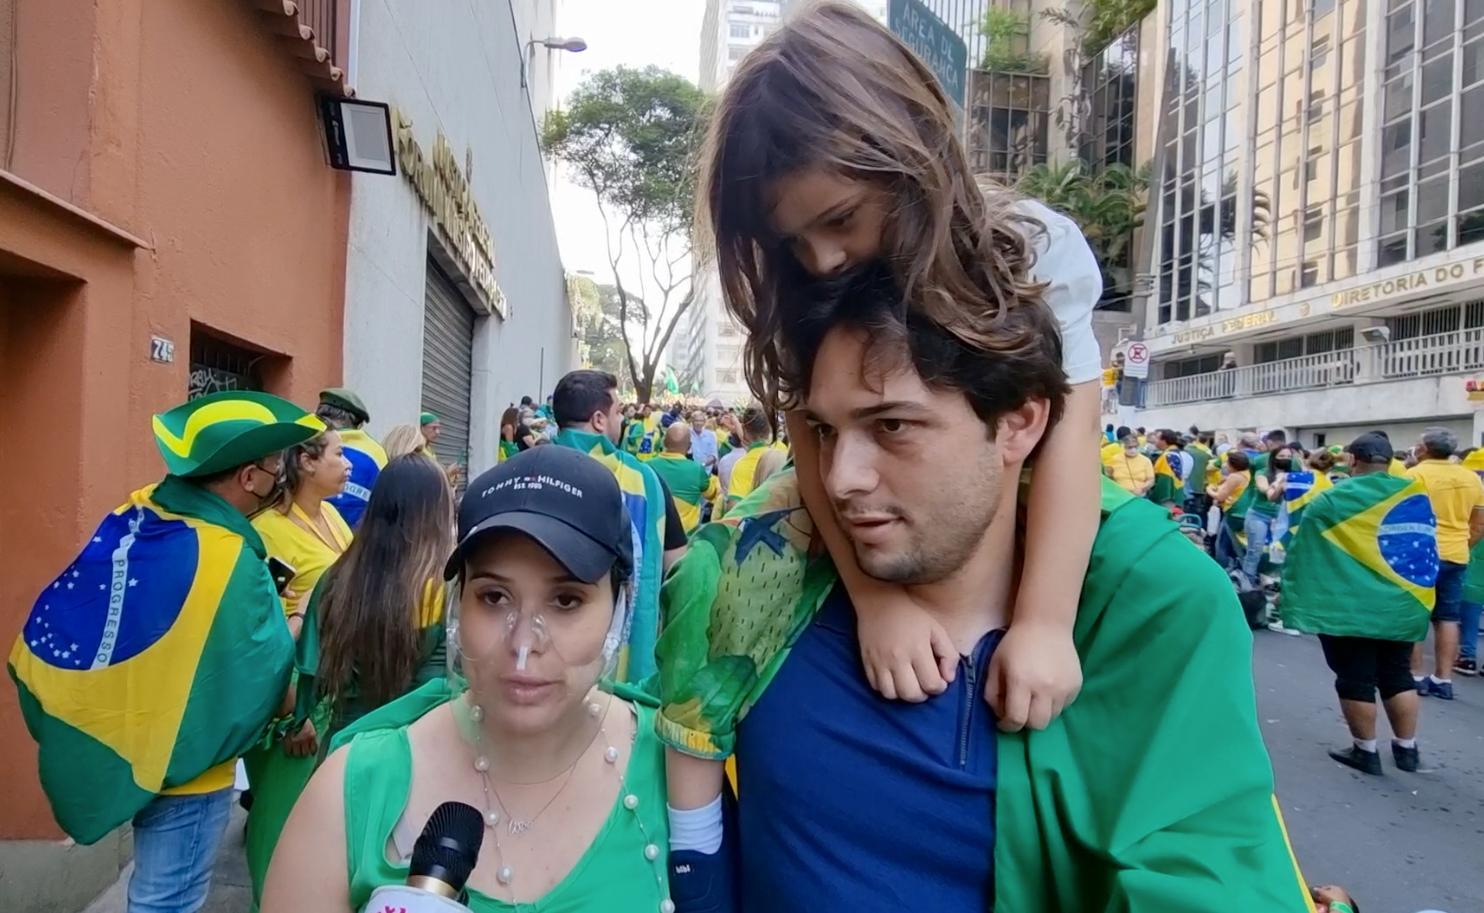 Manifestantes pró Bolsonaro lotam a Paulista no domingo 7 de setembro em São Paulo